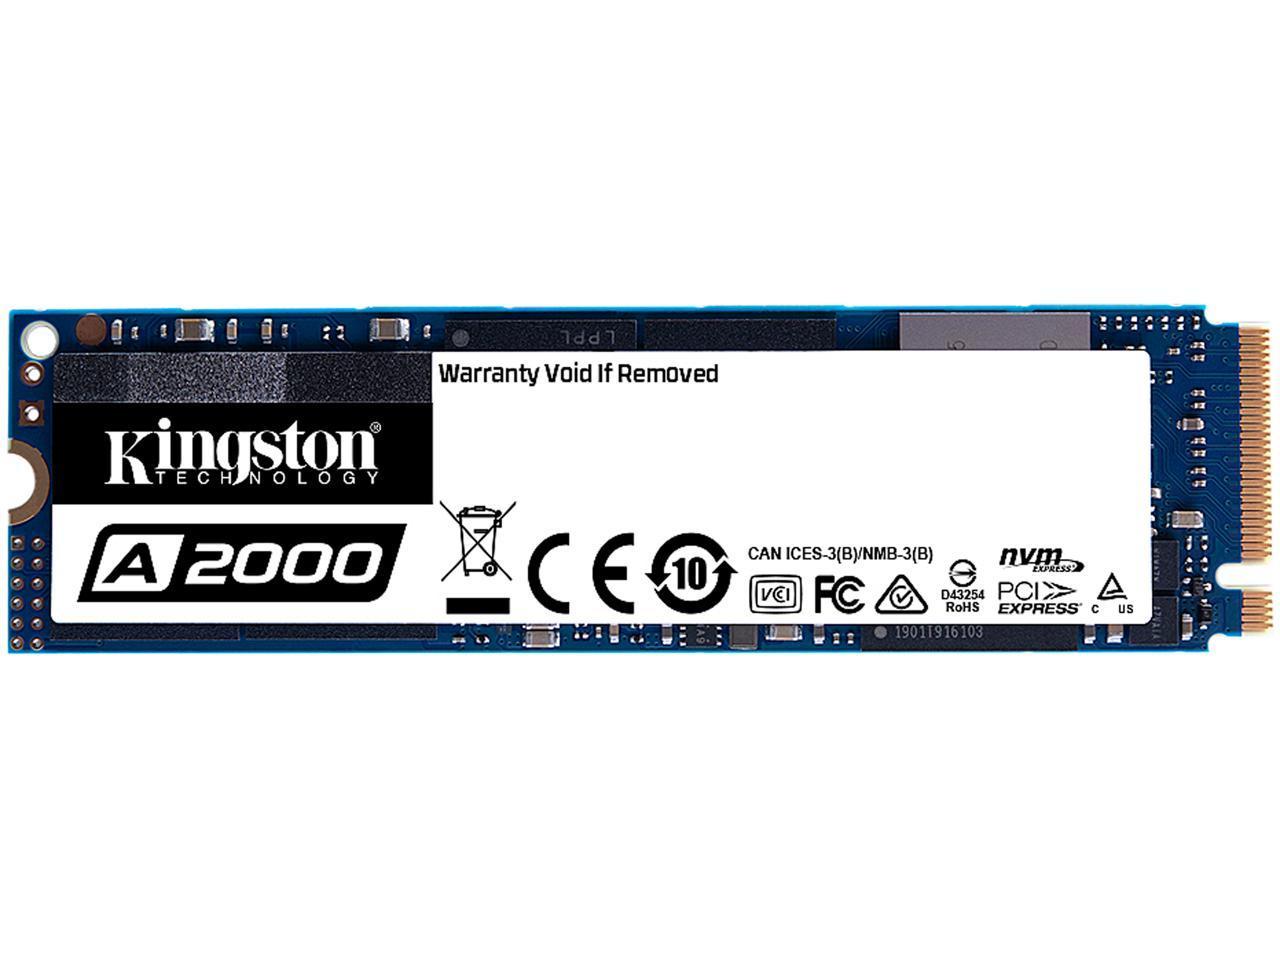 kingston 500gb a2000 m.2 2280 nvme